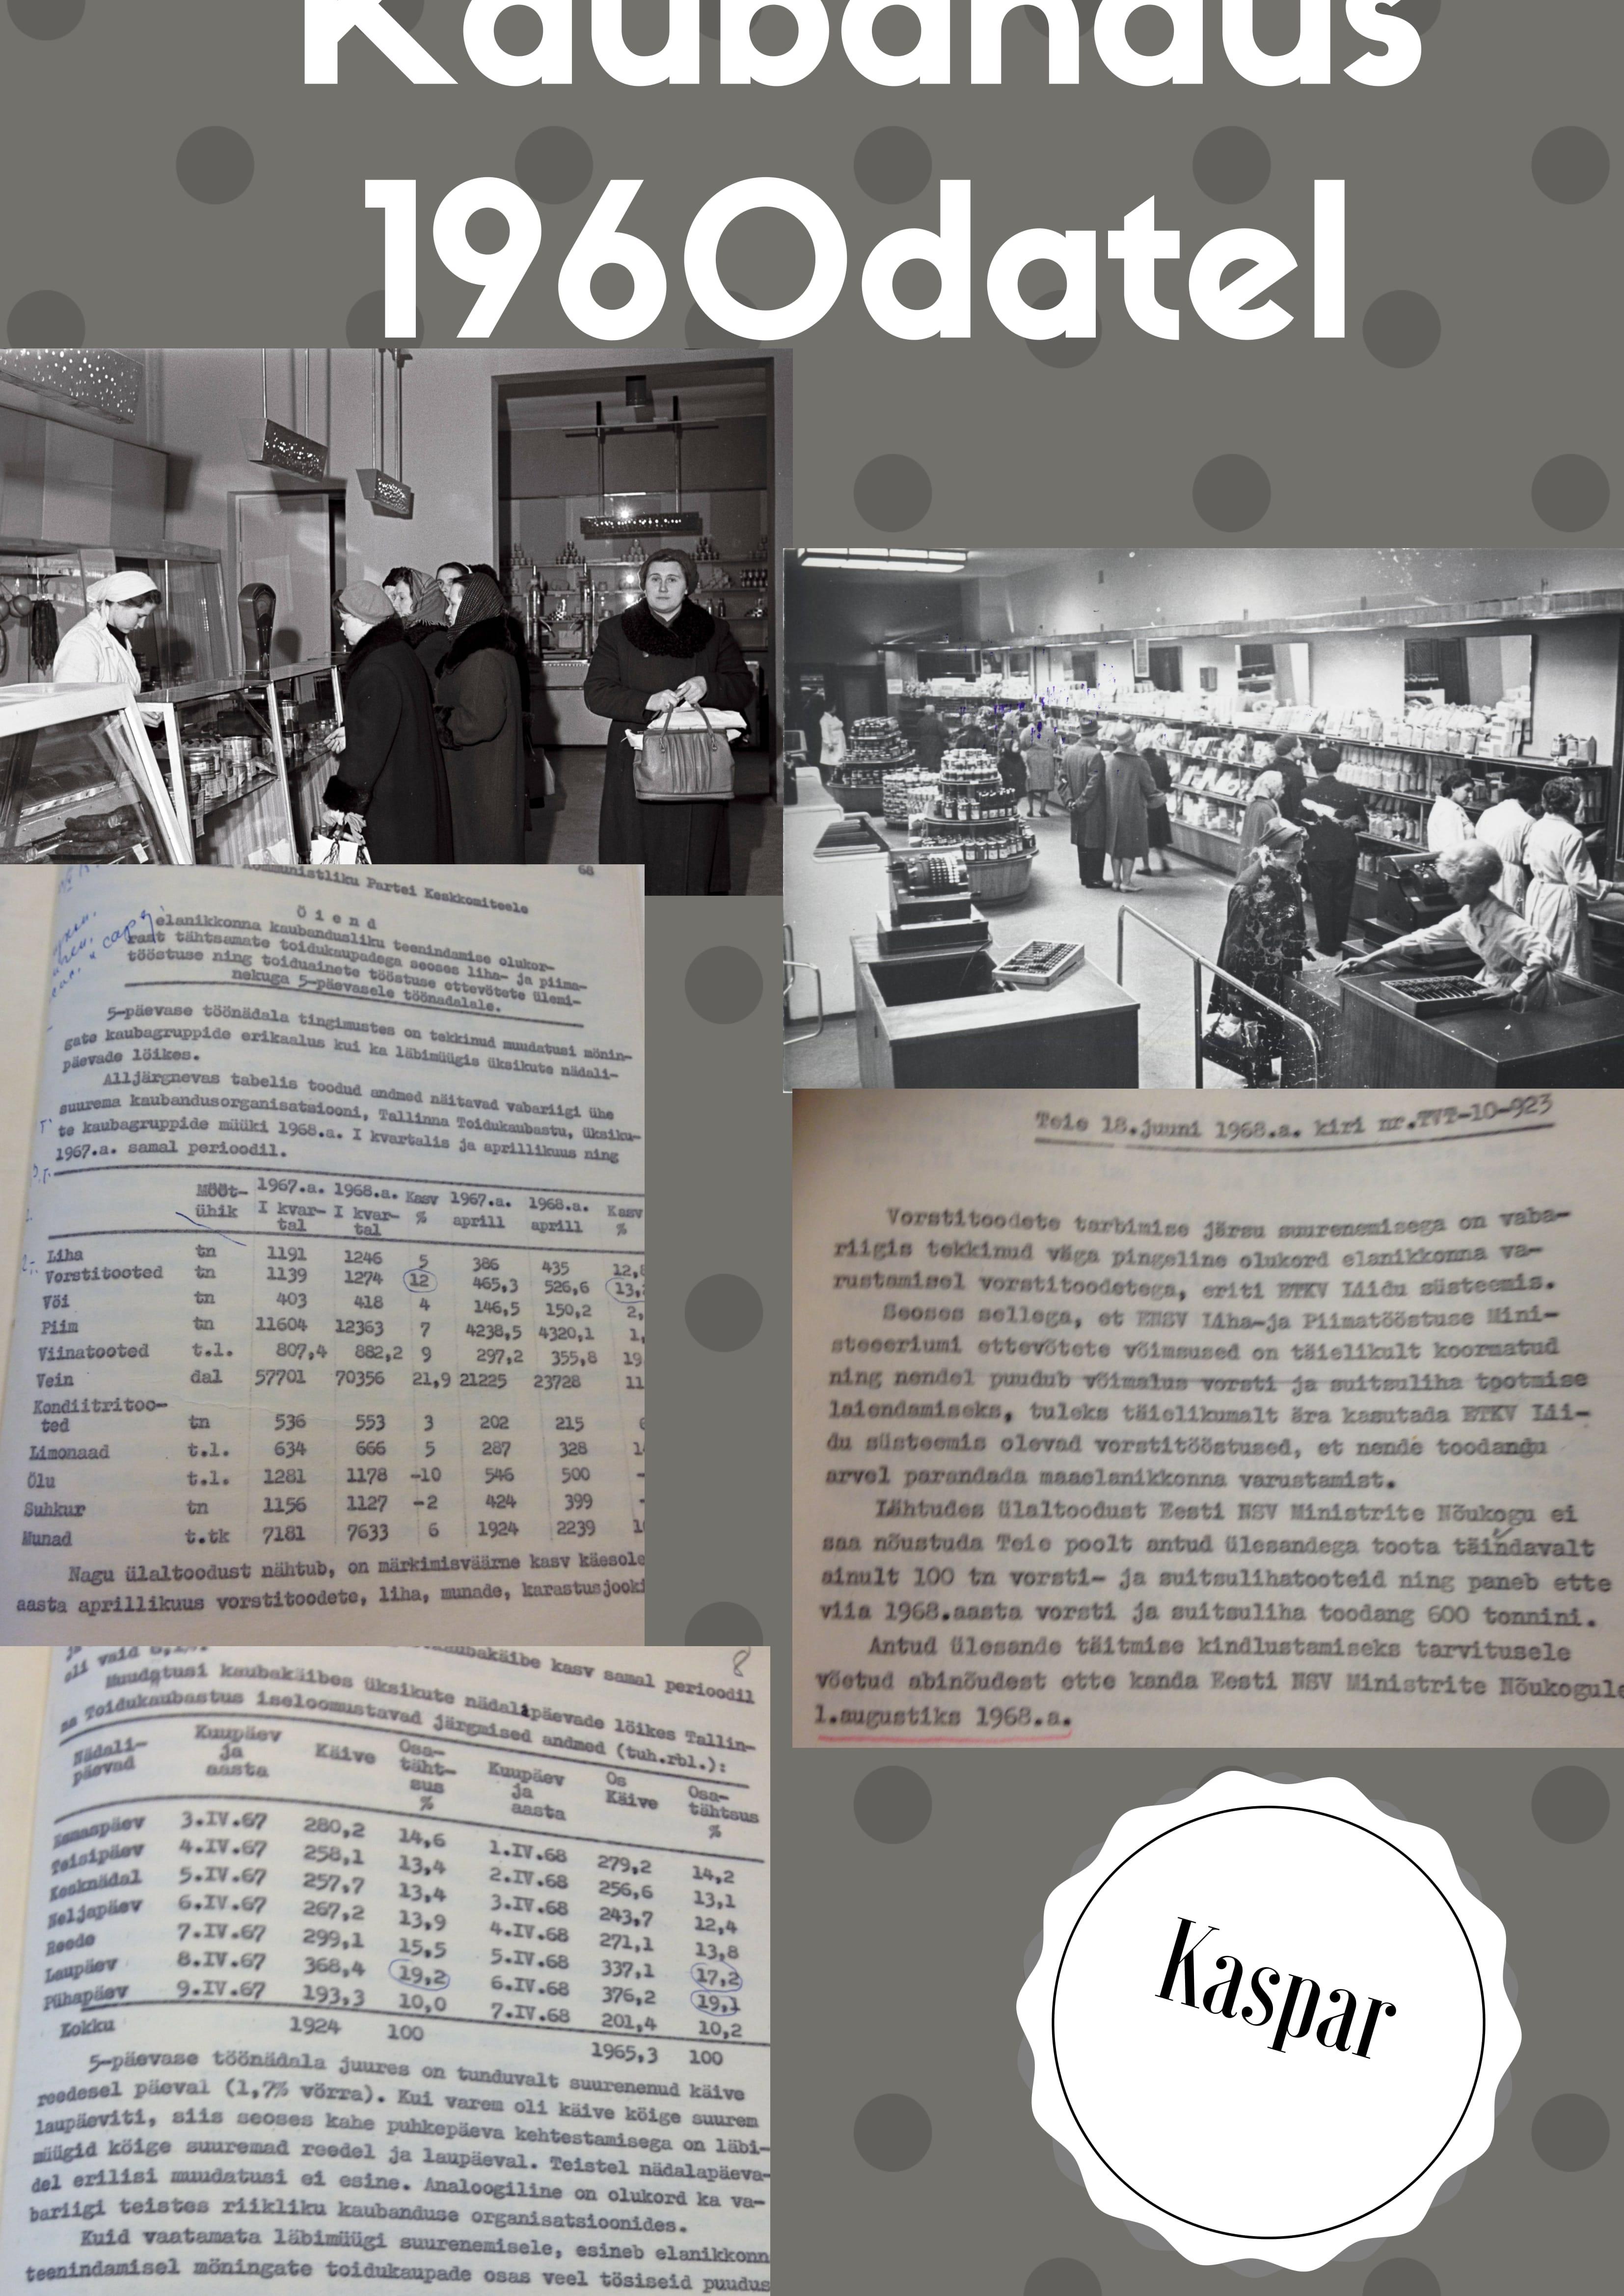 """Audentese Kooli 9B klassi rühmatöö. Võistkonna """"Kaspar"""" plakat """"Kaubandus"""". rühm_Kaspar_Kaubandus-1"""